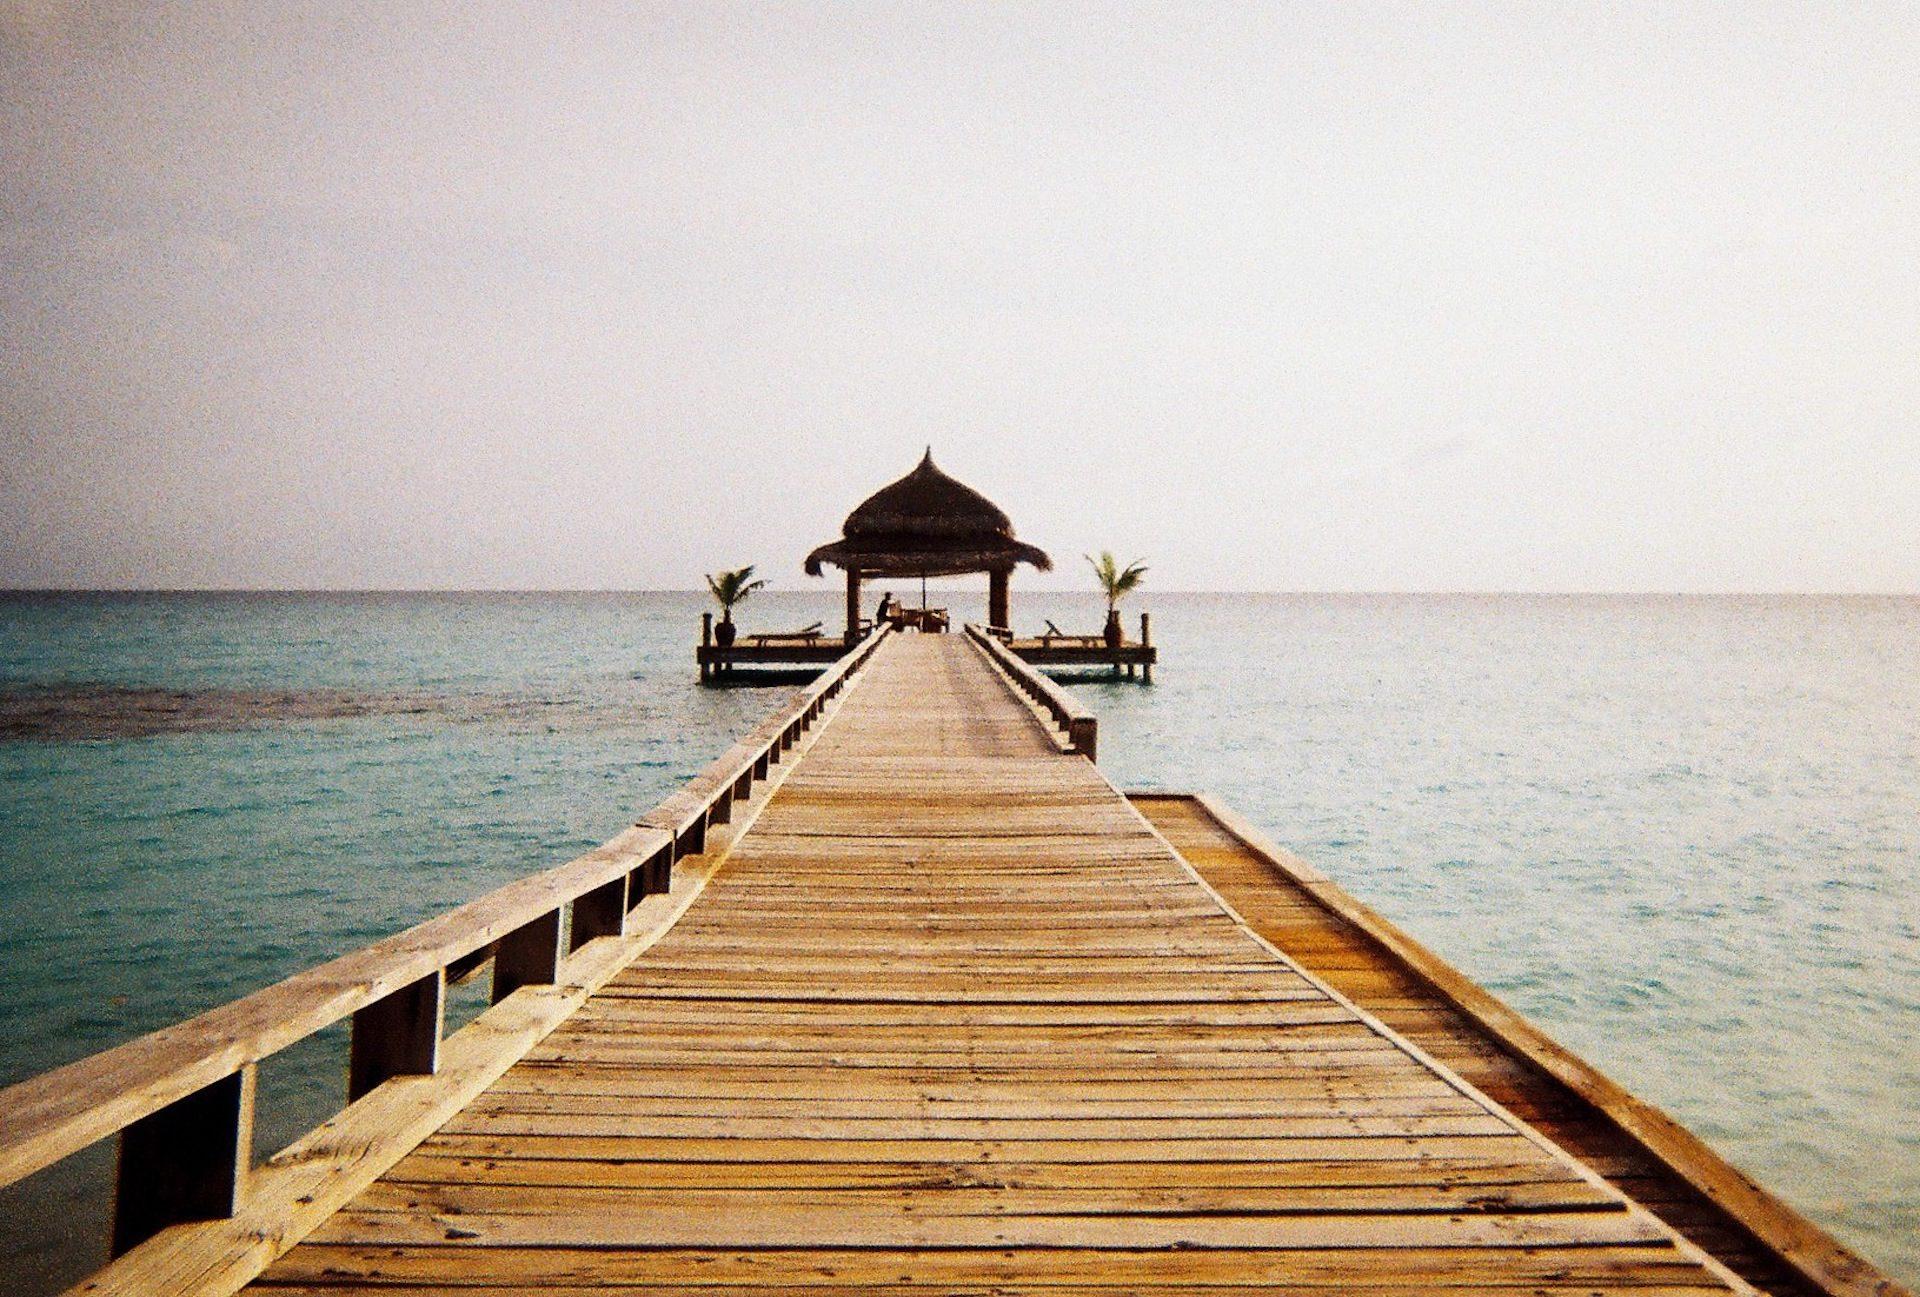 Мальдивские острова, Пляж, Порт, Вуд, Отдых, расслабиться - Обои HD - Профессор falken.com